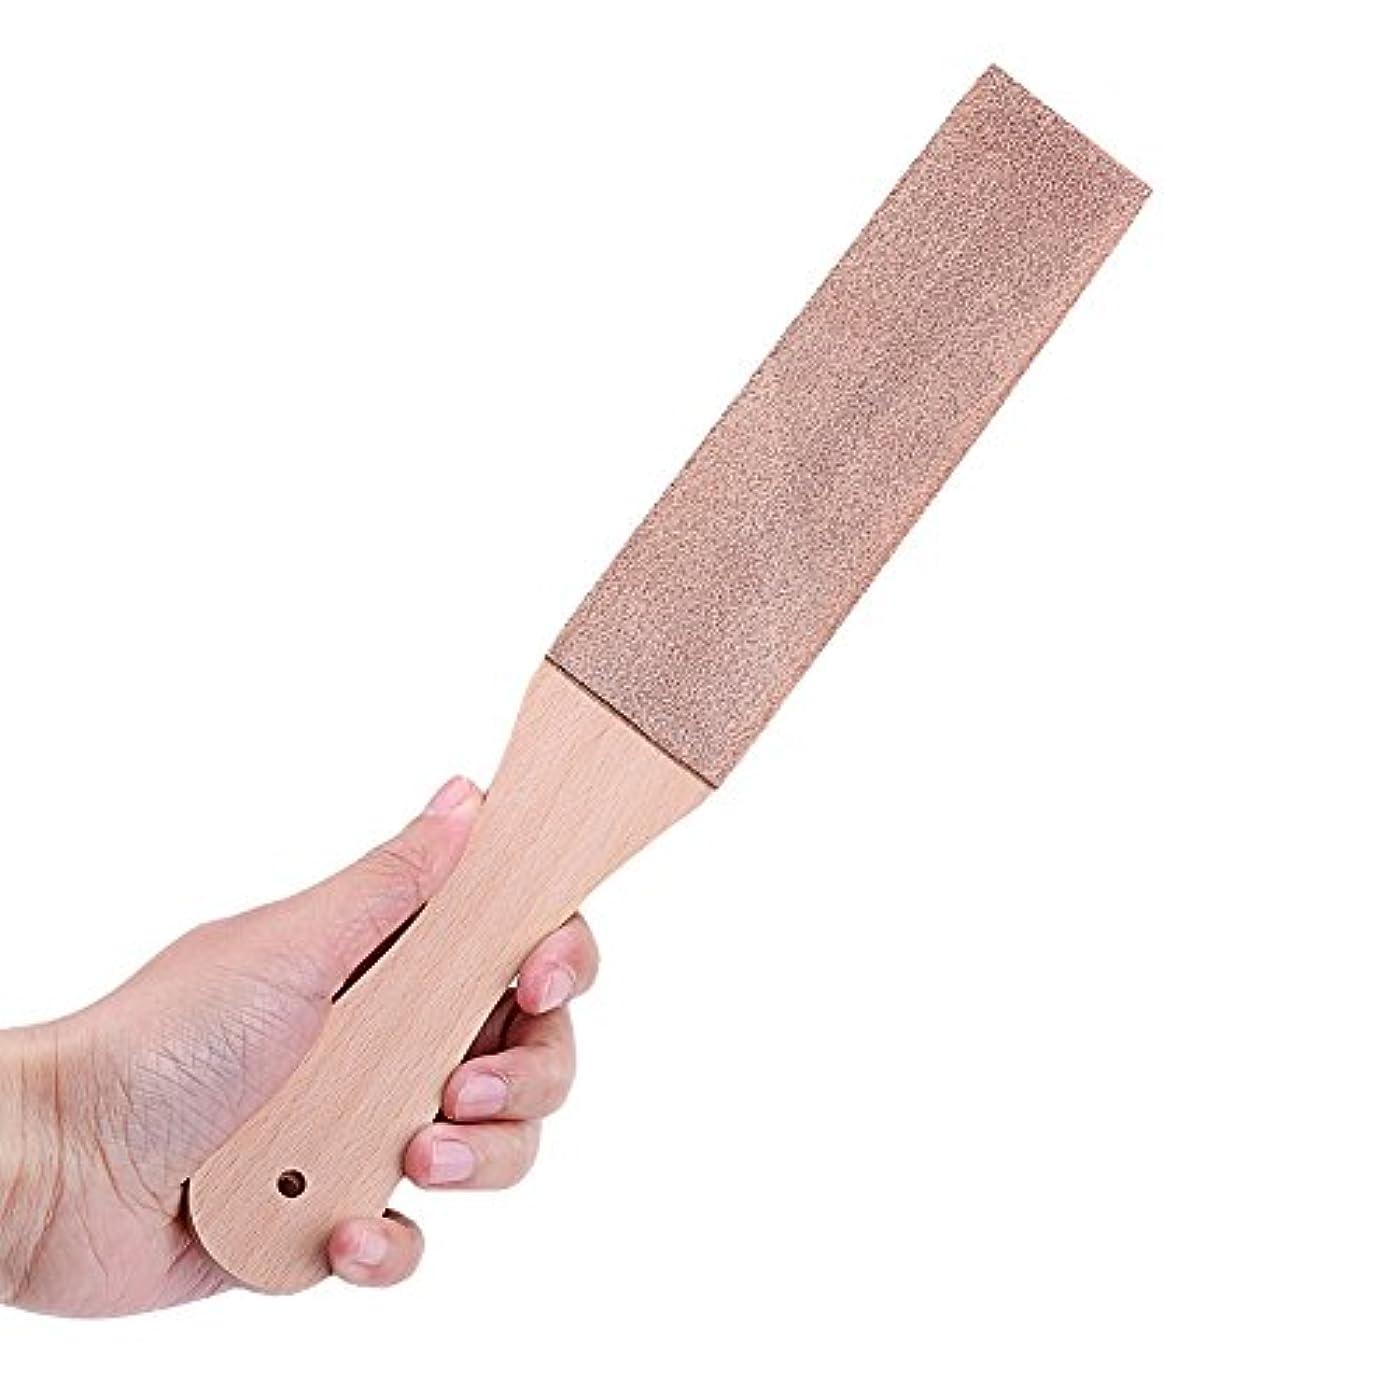 パラナ川連続した固めるかみそり削り男性シェーバー削り板ダブルサイドPUレザーかみそりストレートStropナイフ研磨ベルト